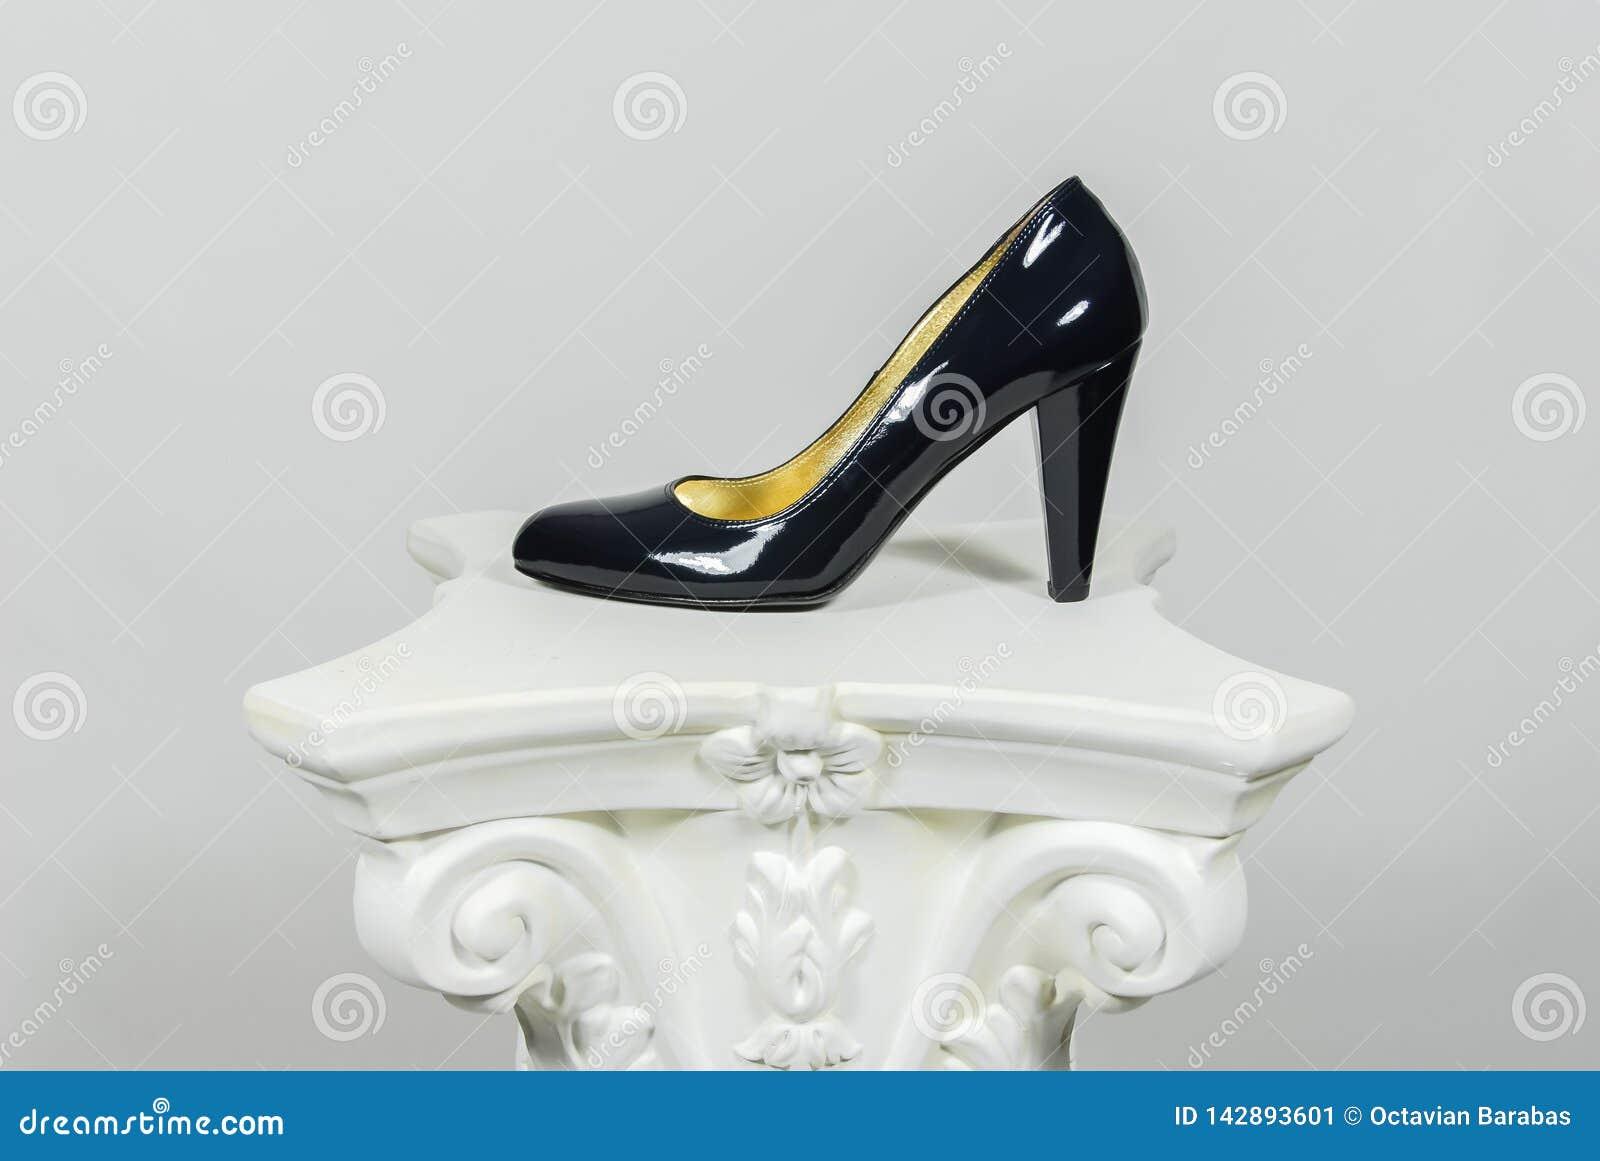 A fêmea preta elegante alto-colocou saltos a sapata de couro na coluna grega